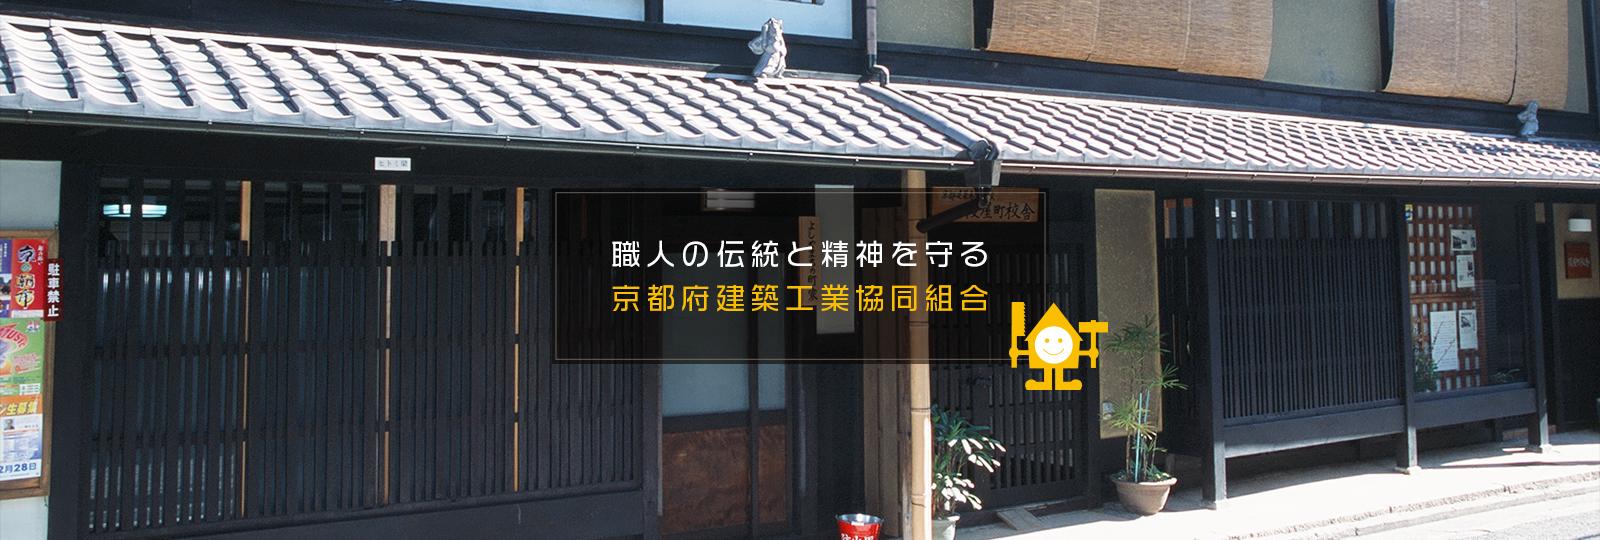 職人の伝統と精神を守る京都府建築工業協同組合